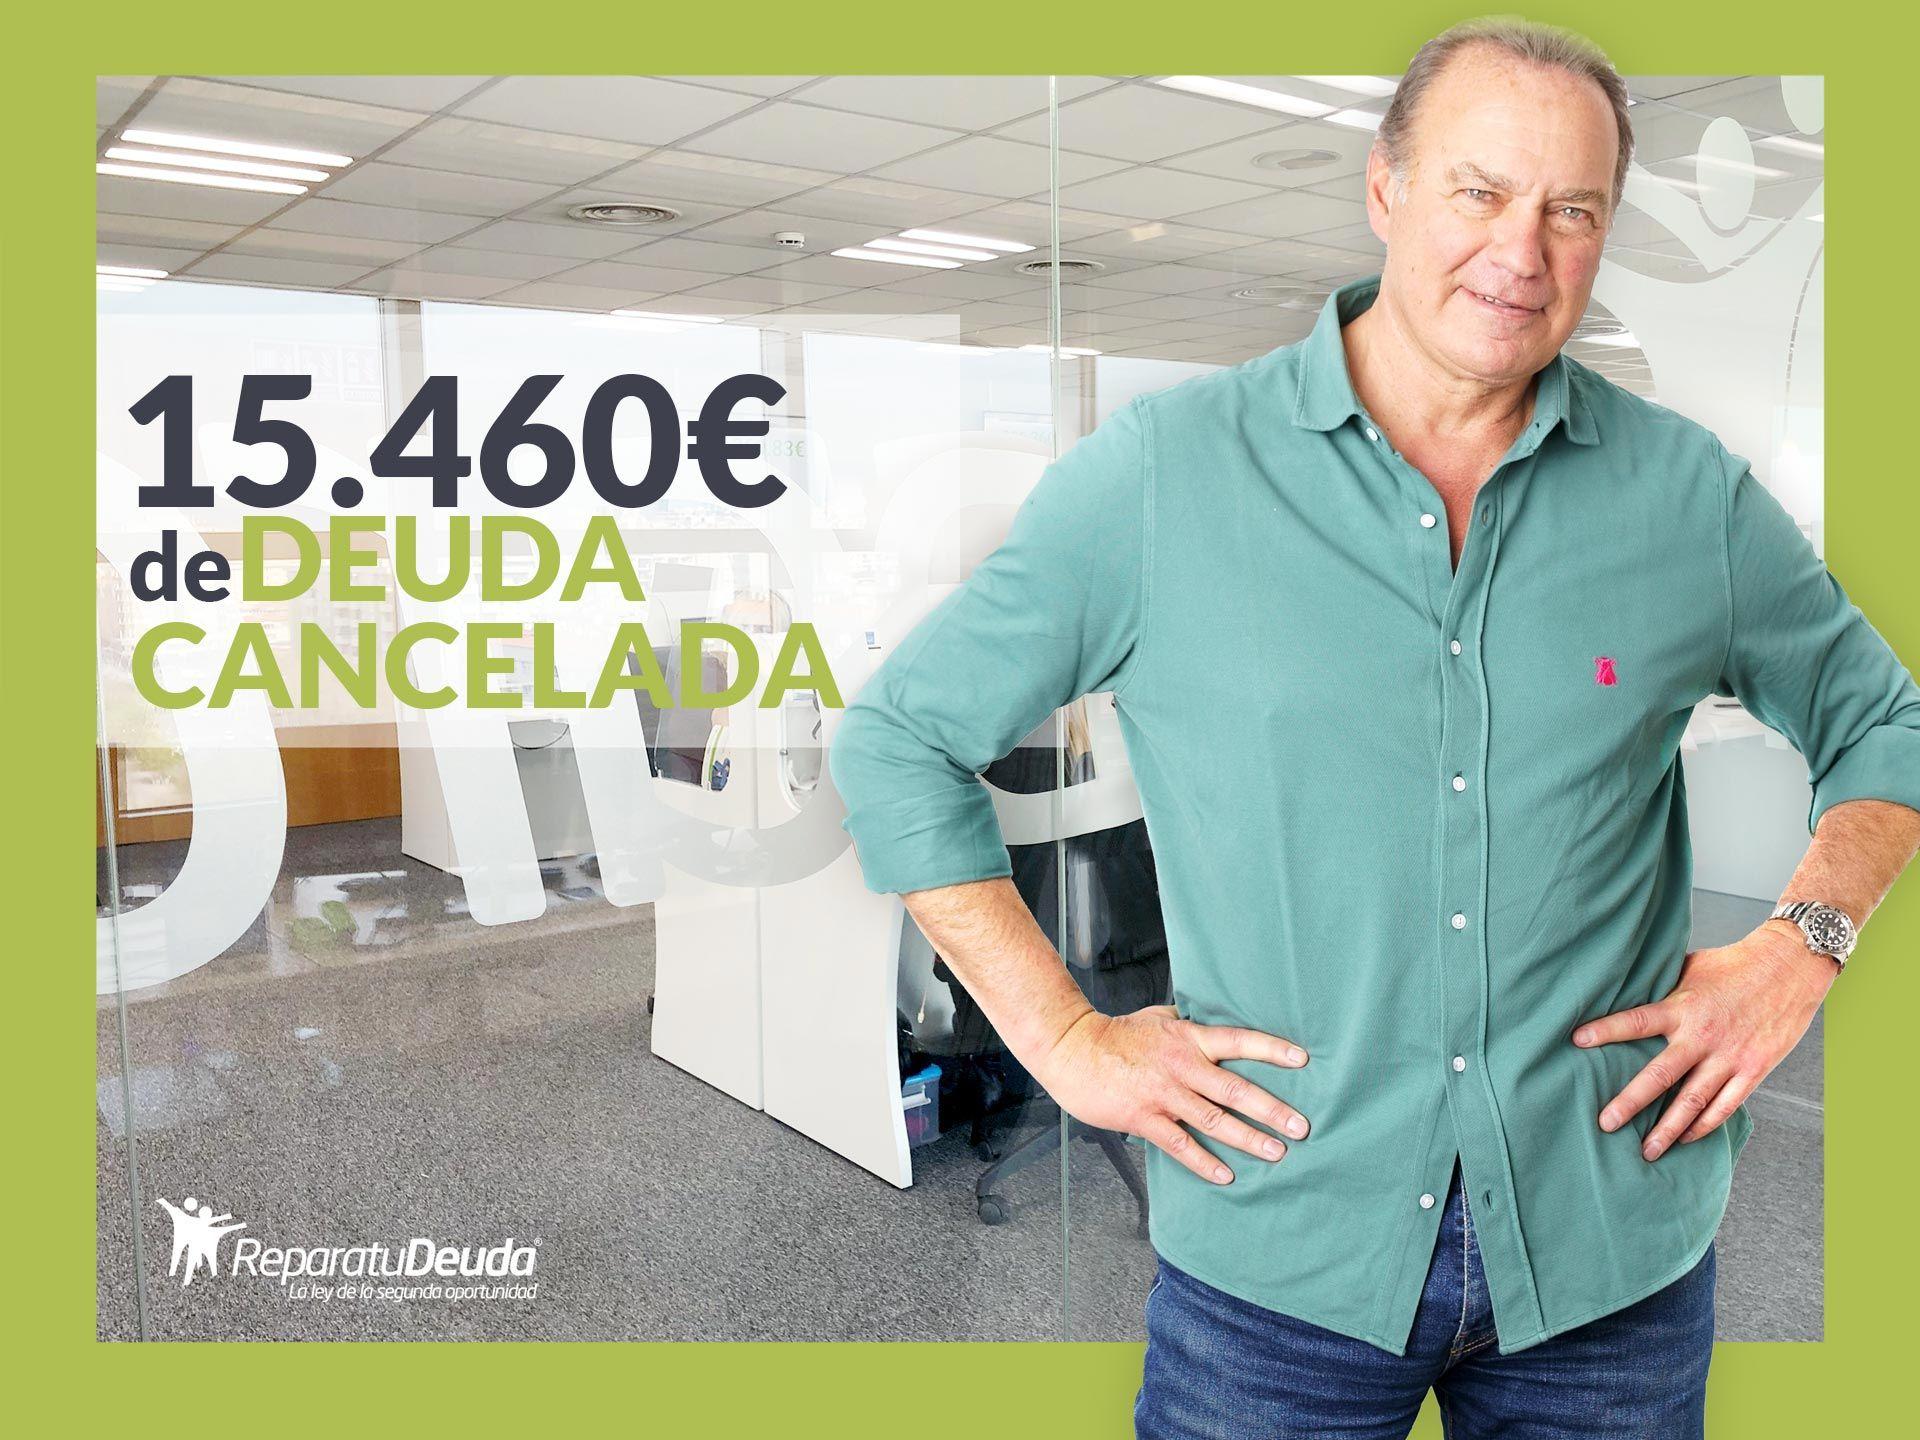 Repara tu Deuda cancela 15.460€ con deuda pública en Canarias con la Ley de la Segunda Oportunidad